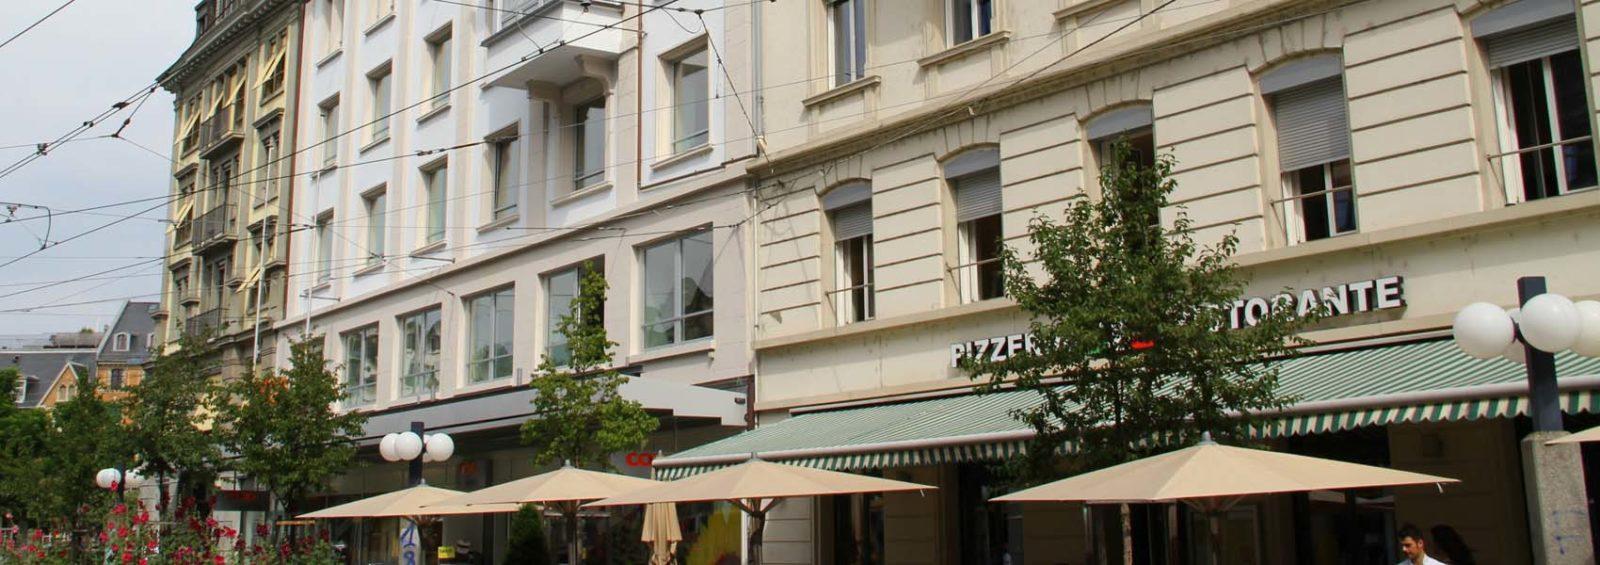 Badenerstrasse, Zürich